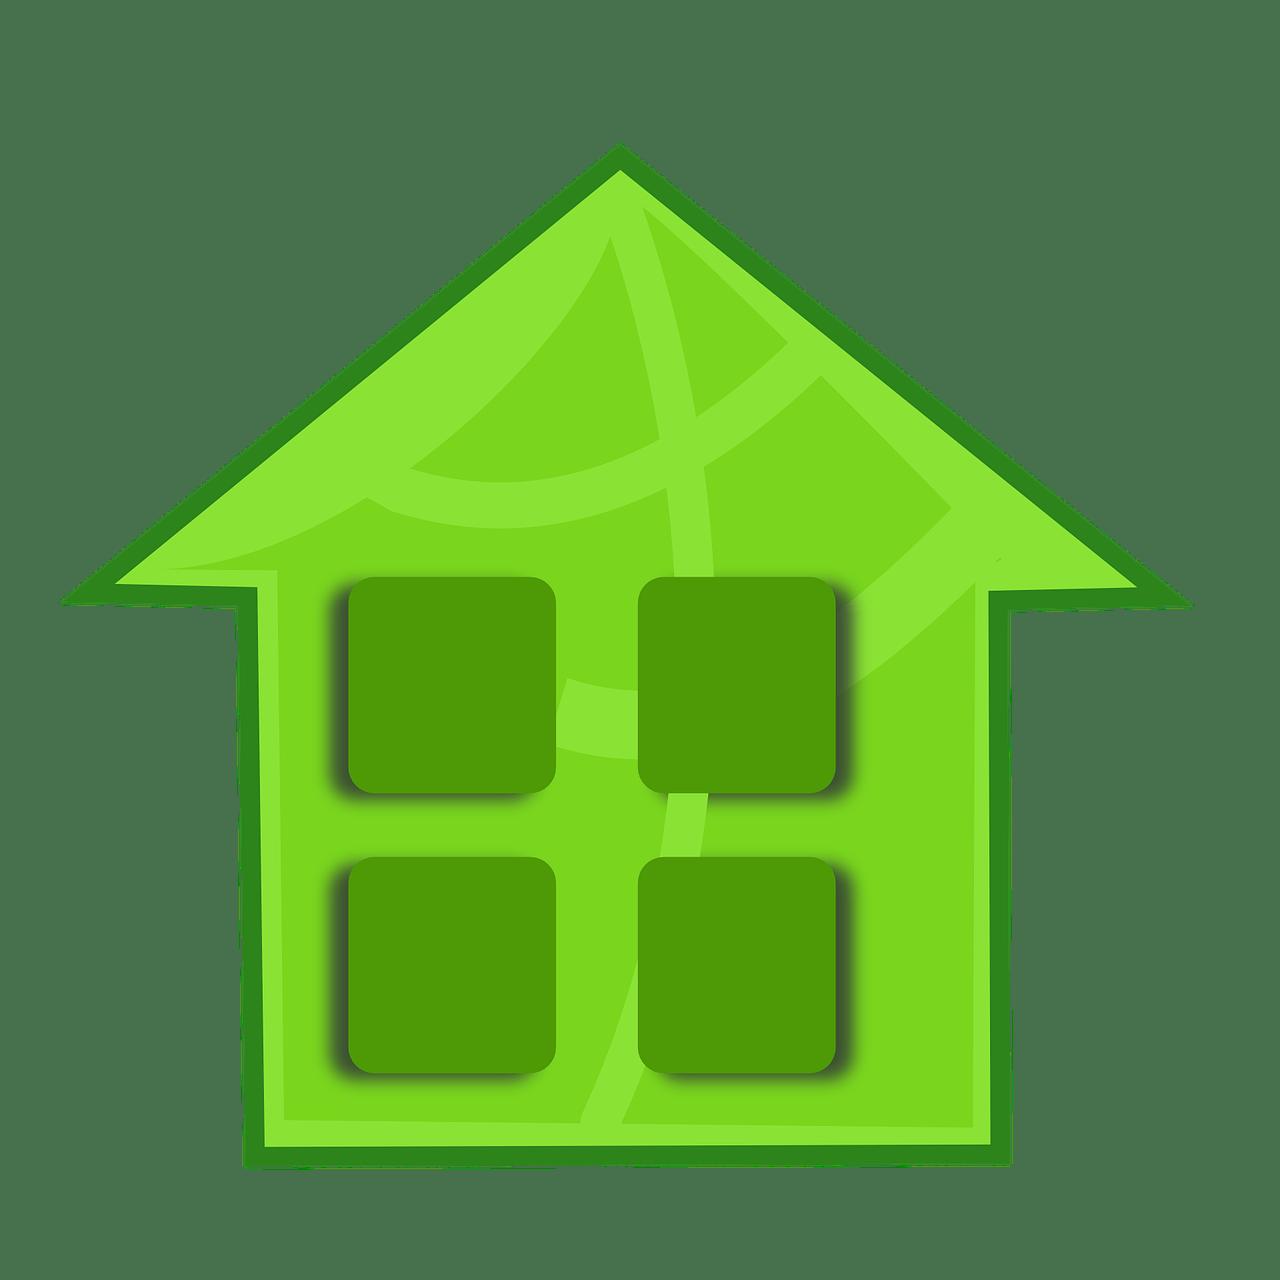 Si vous disposez ou recherchez une maison à vendre sur internet, MaisonPorteOuverte.com